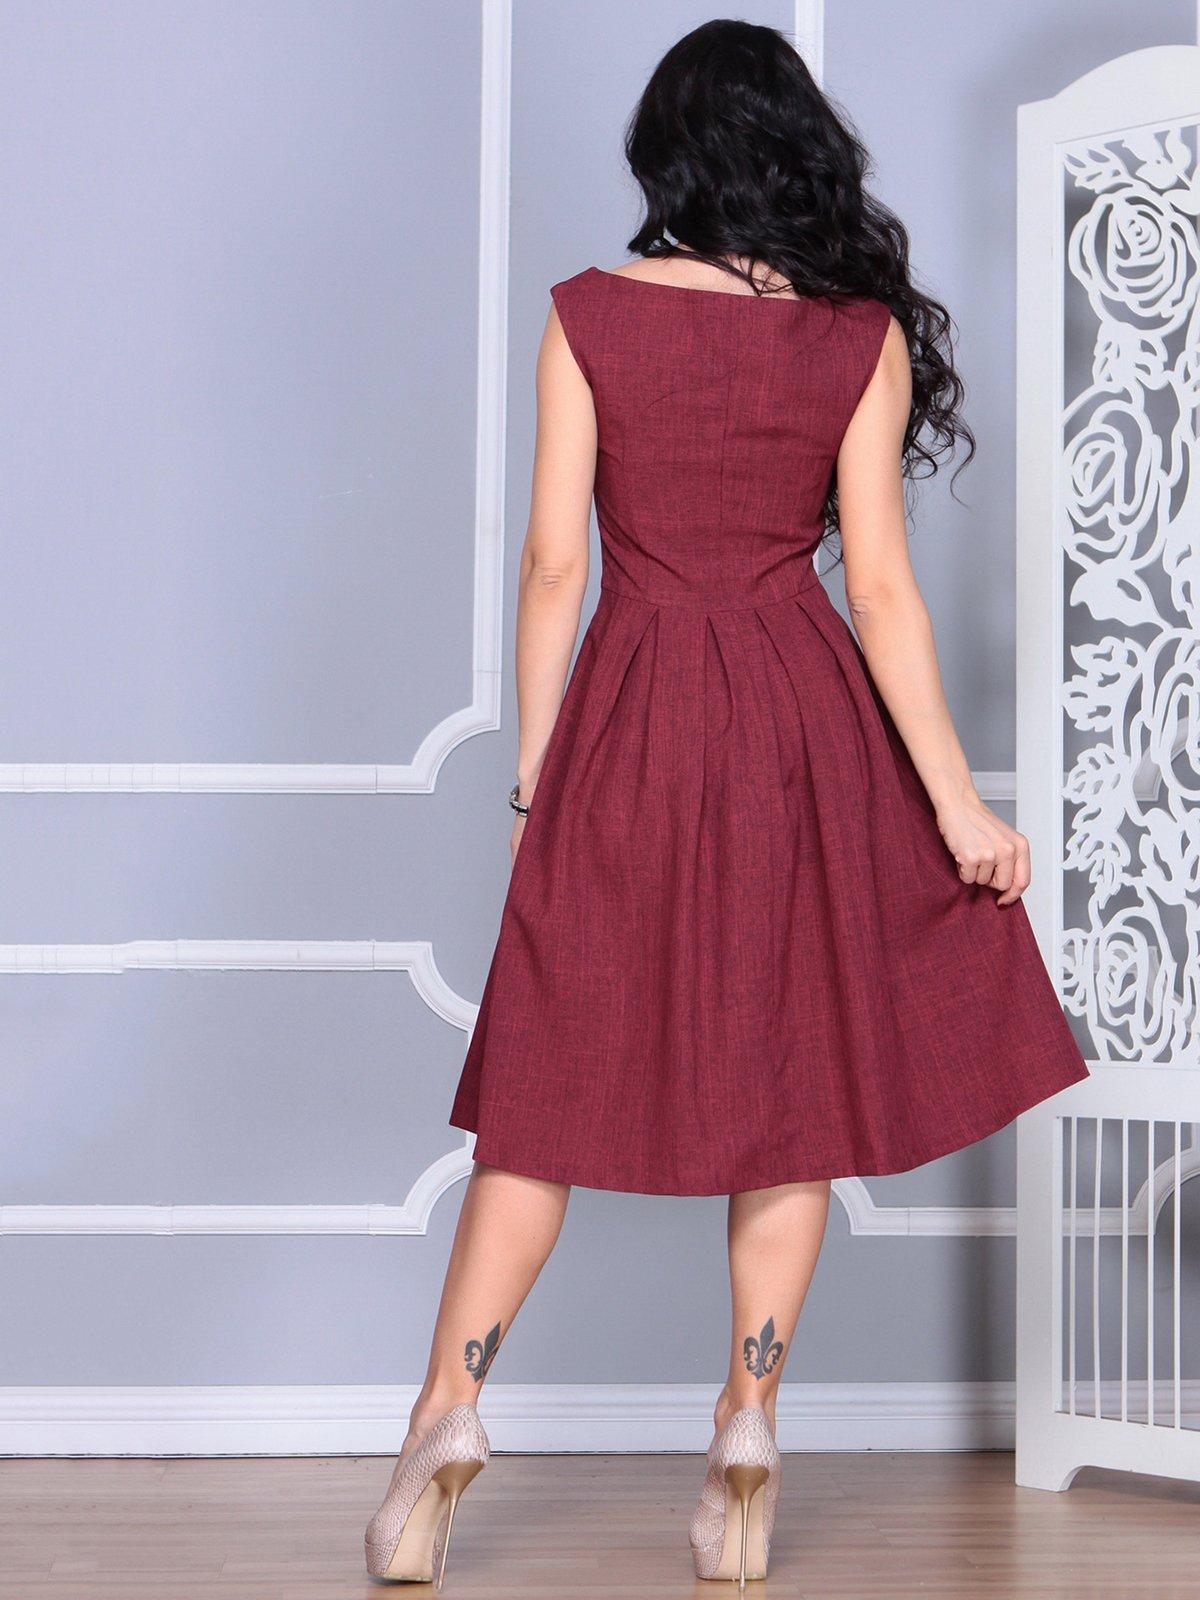 Платье светло-сливового цвета   4028059   фото 2